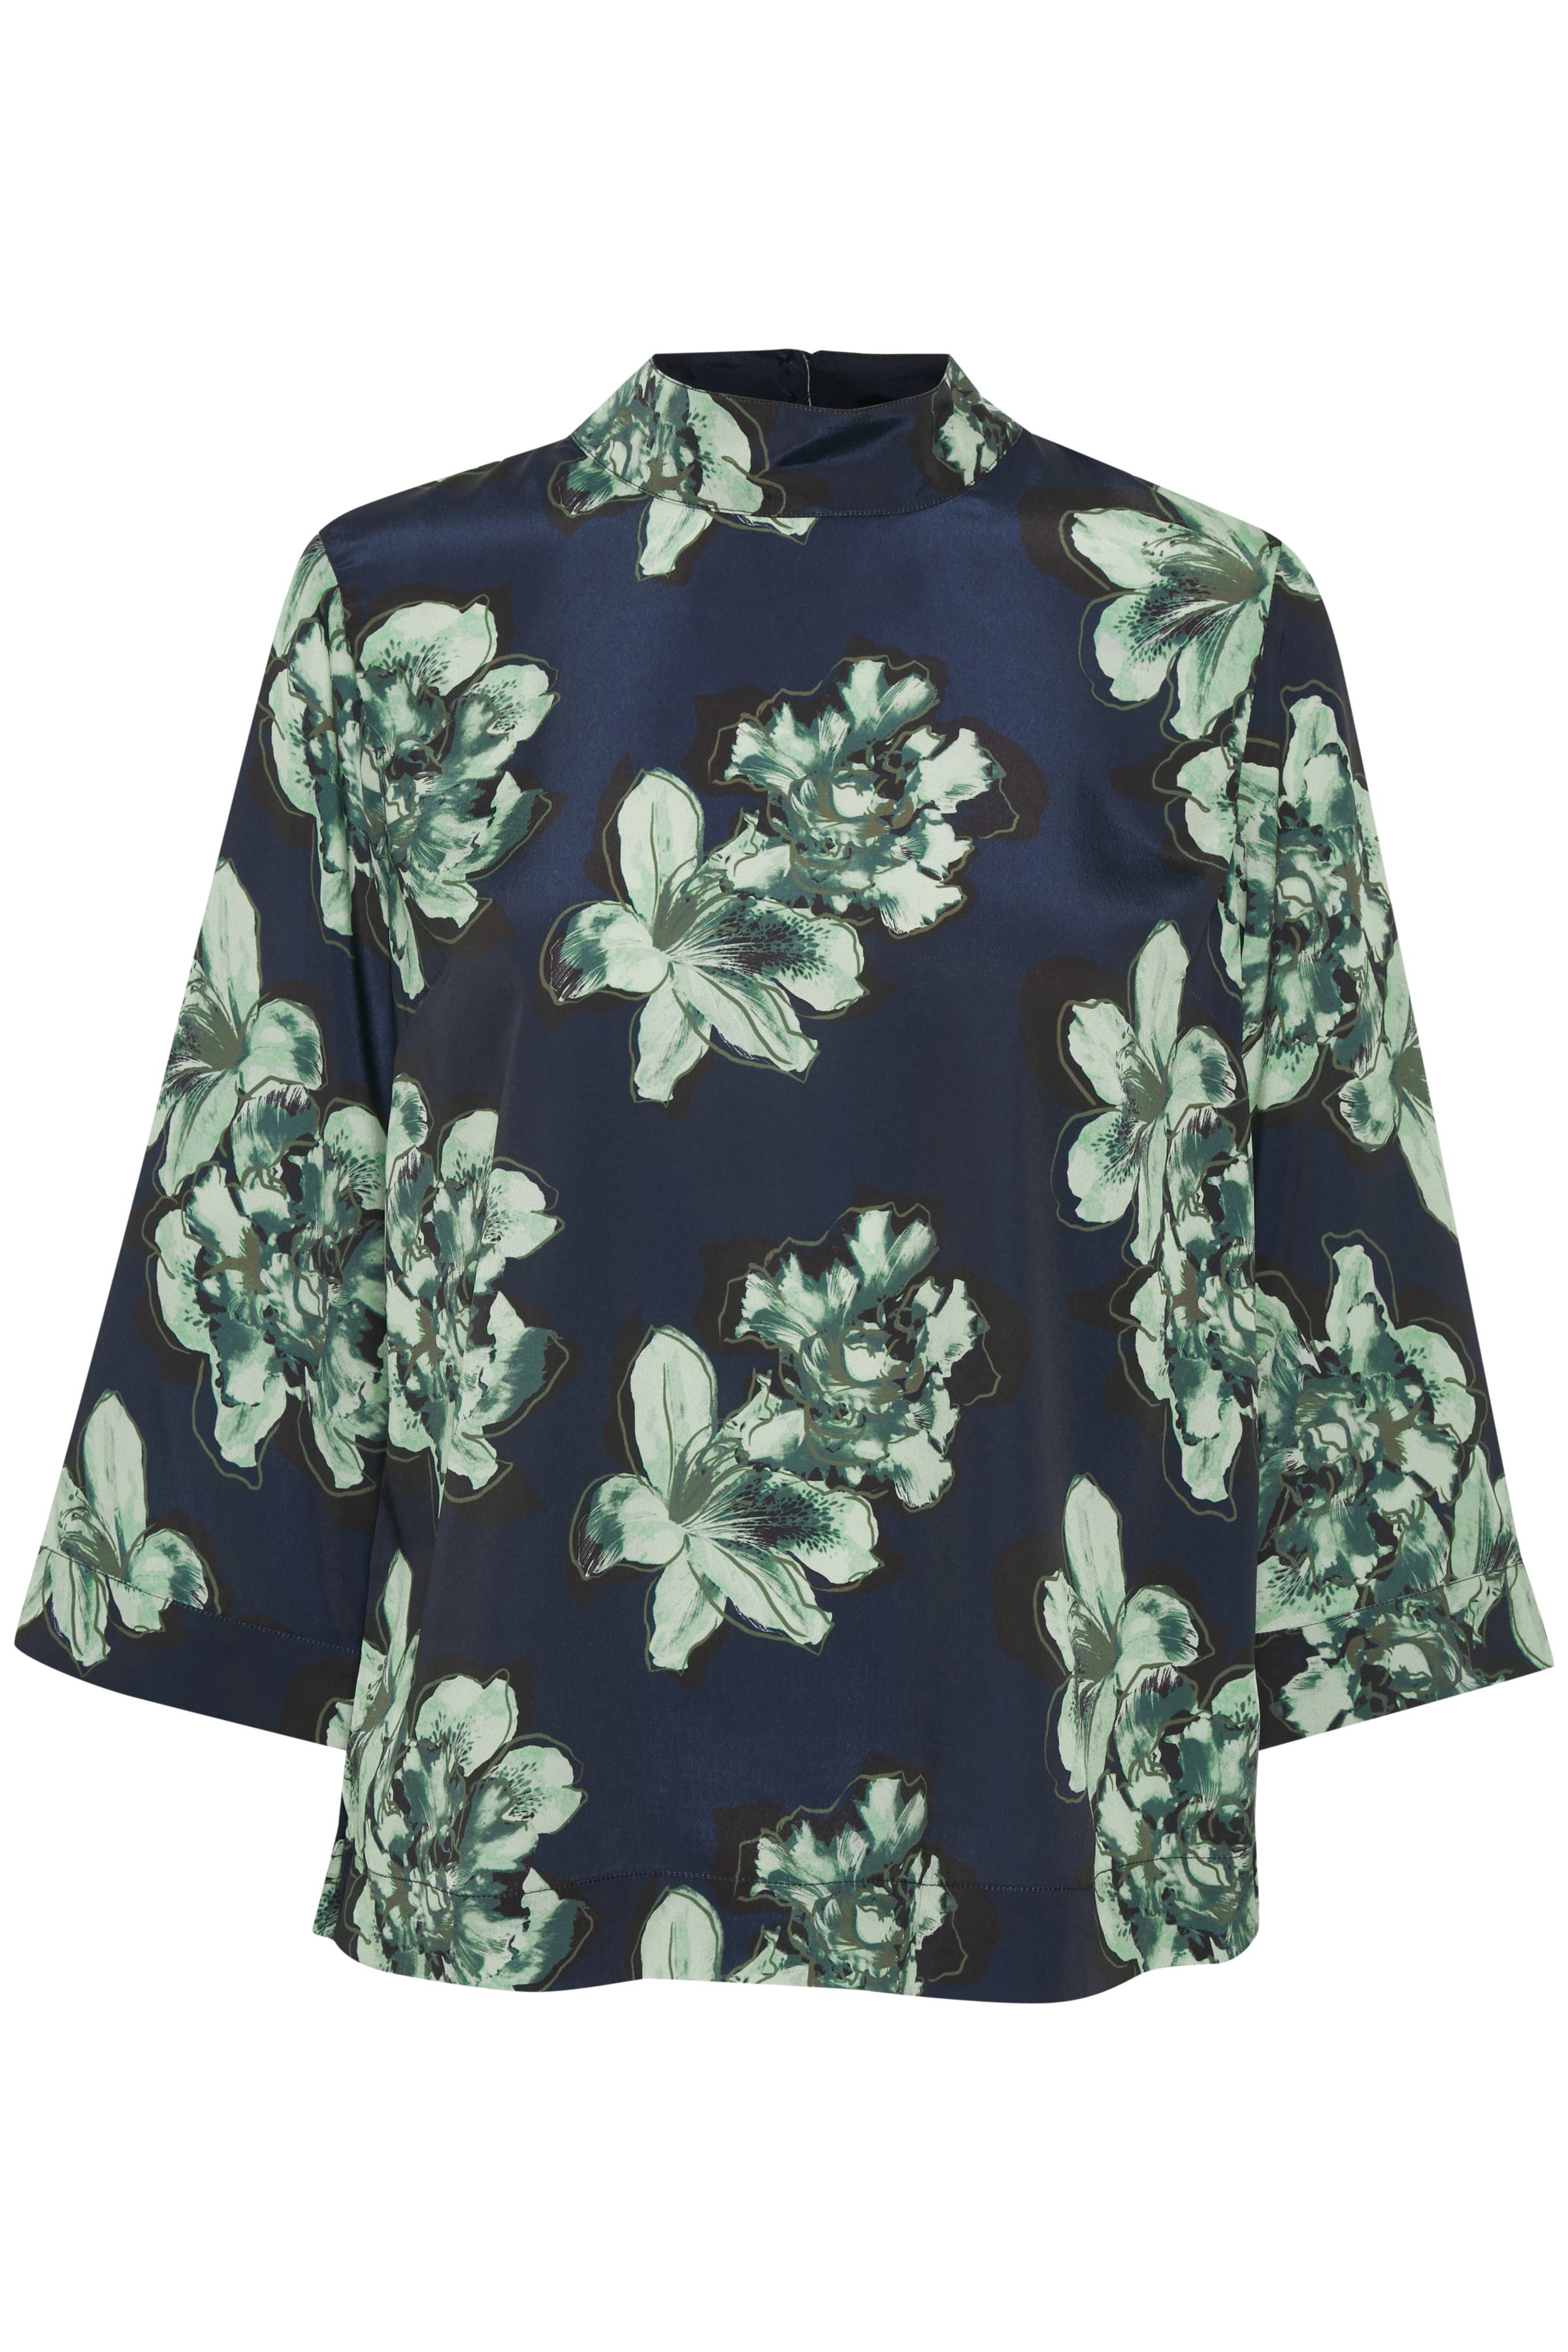 Marineblå/grøn Langærmet bluse fra Bon'A Parte – Køb Marineblå/grøn Langærmet bluse fra str. S-2XL her